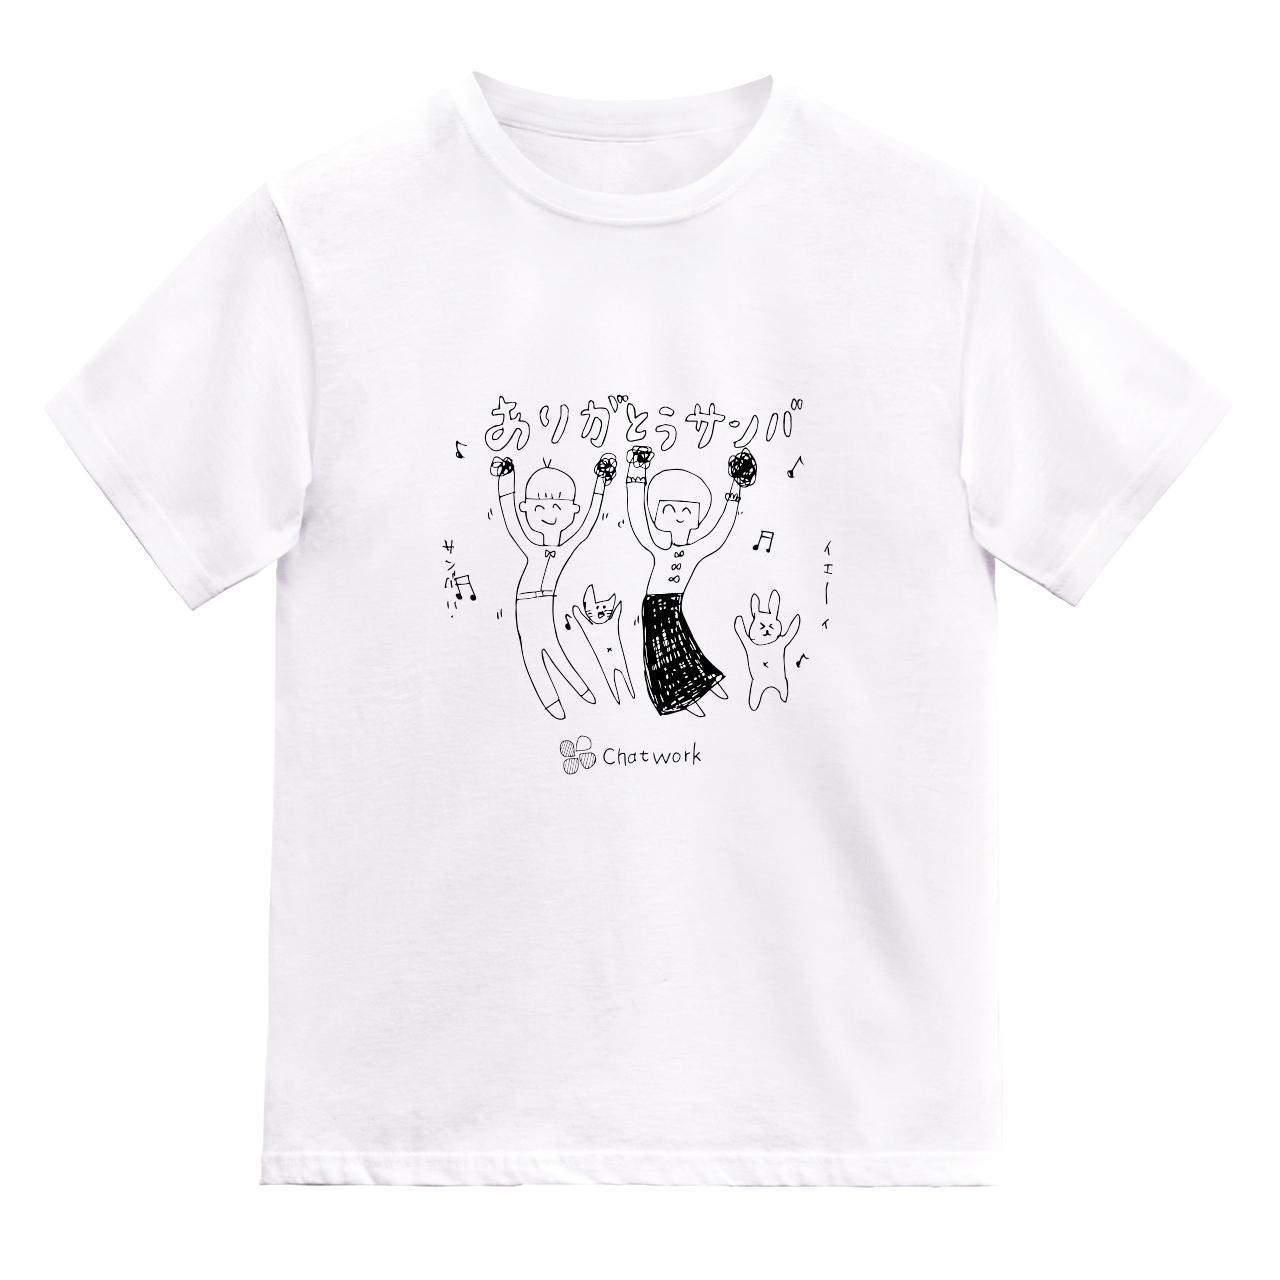 ありがとうサンバ Tシャツ